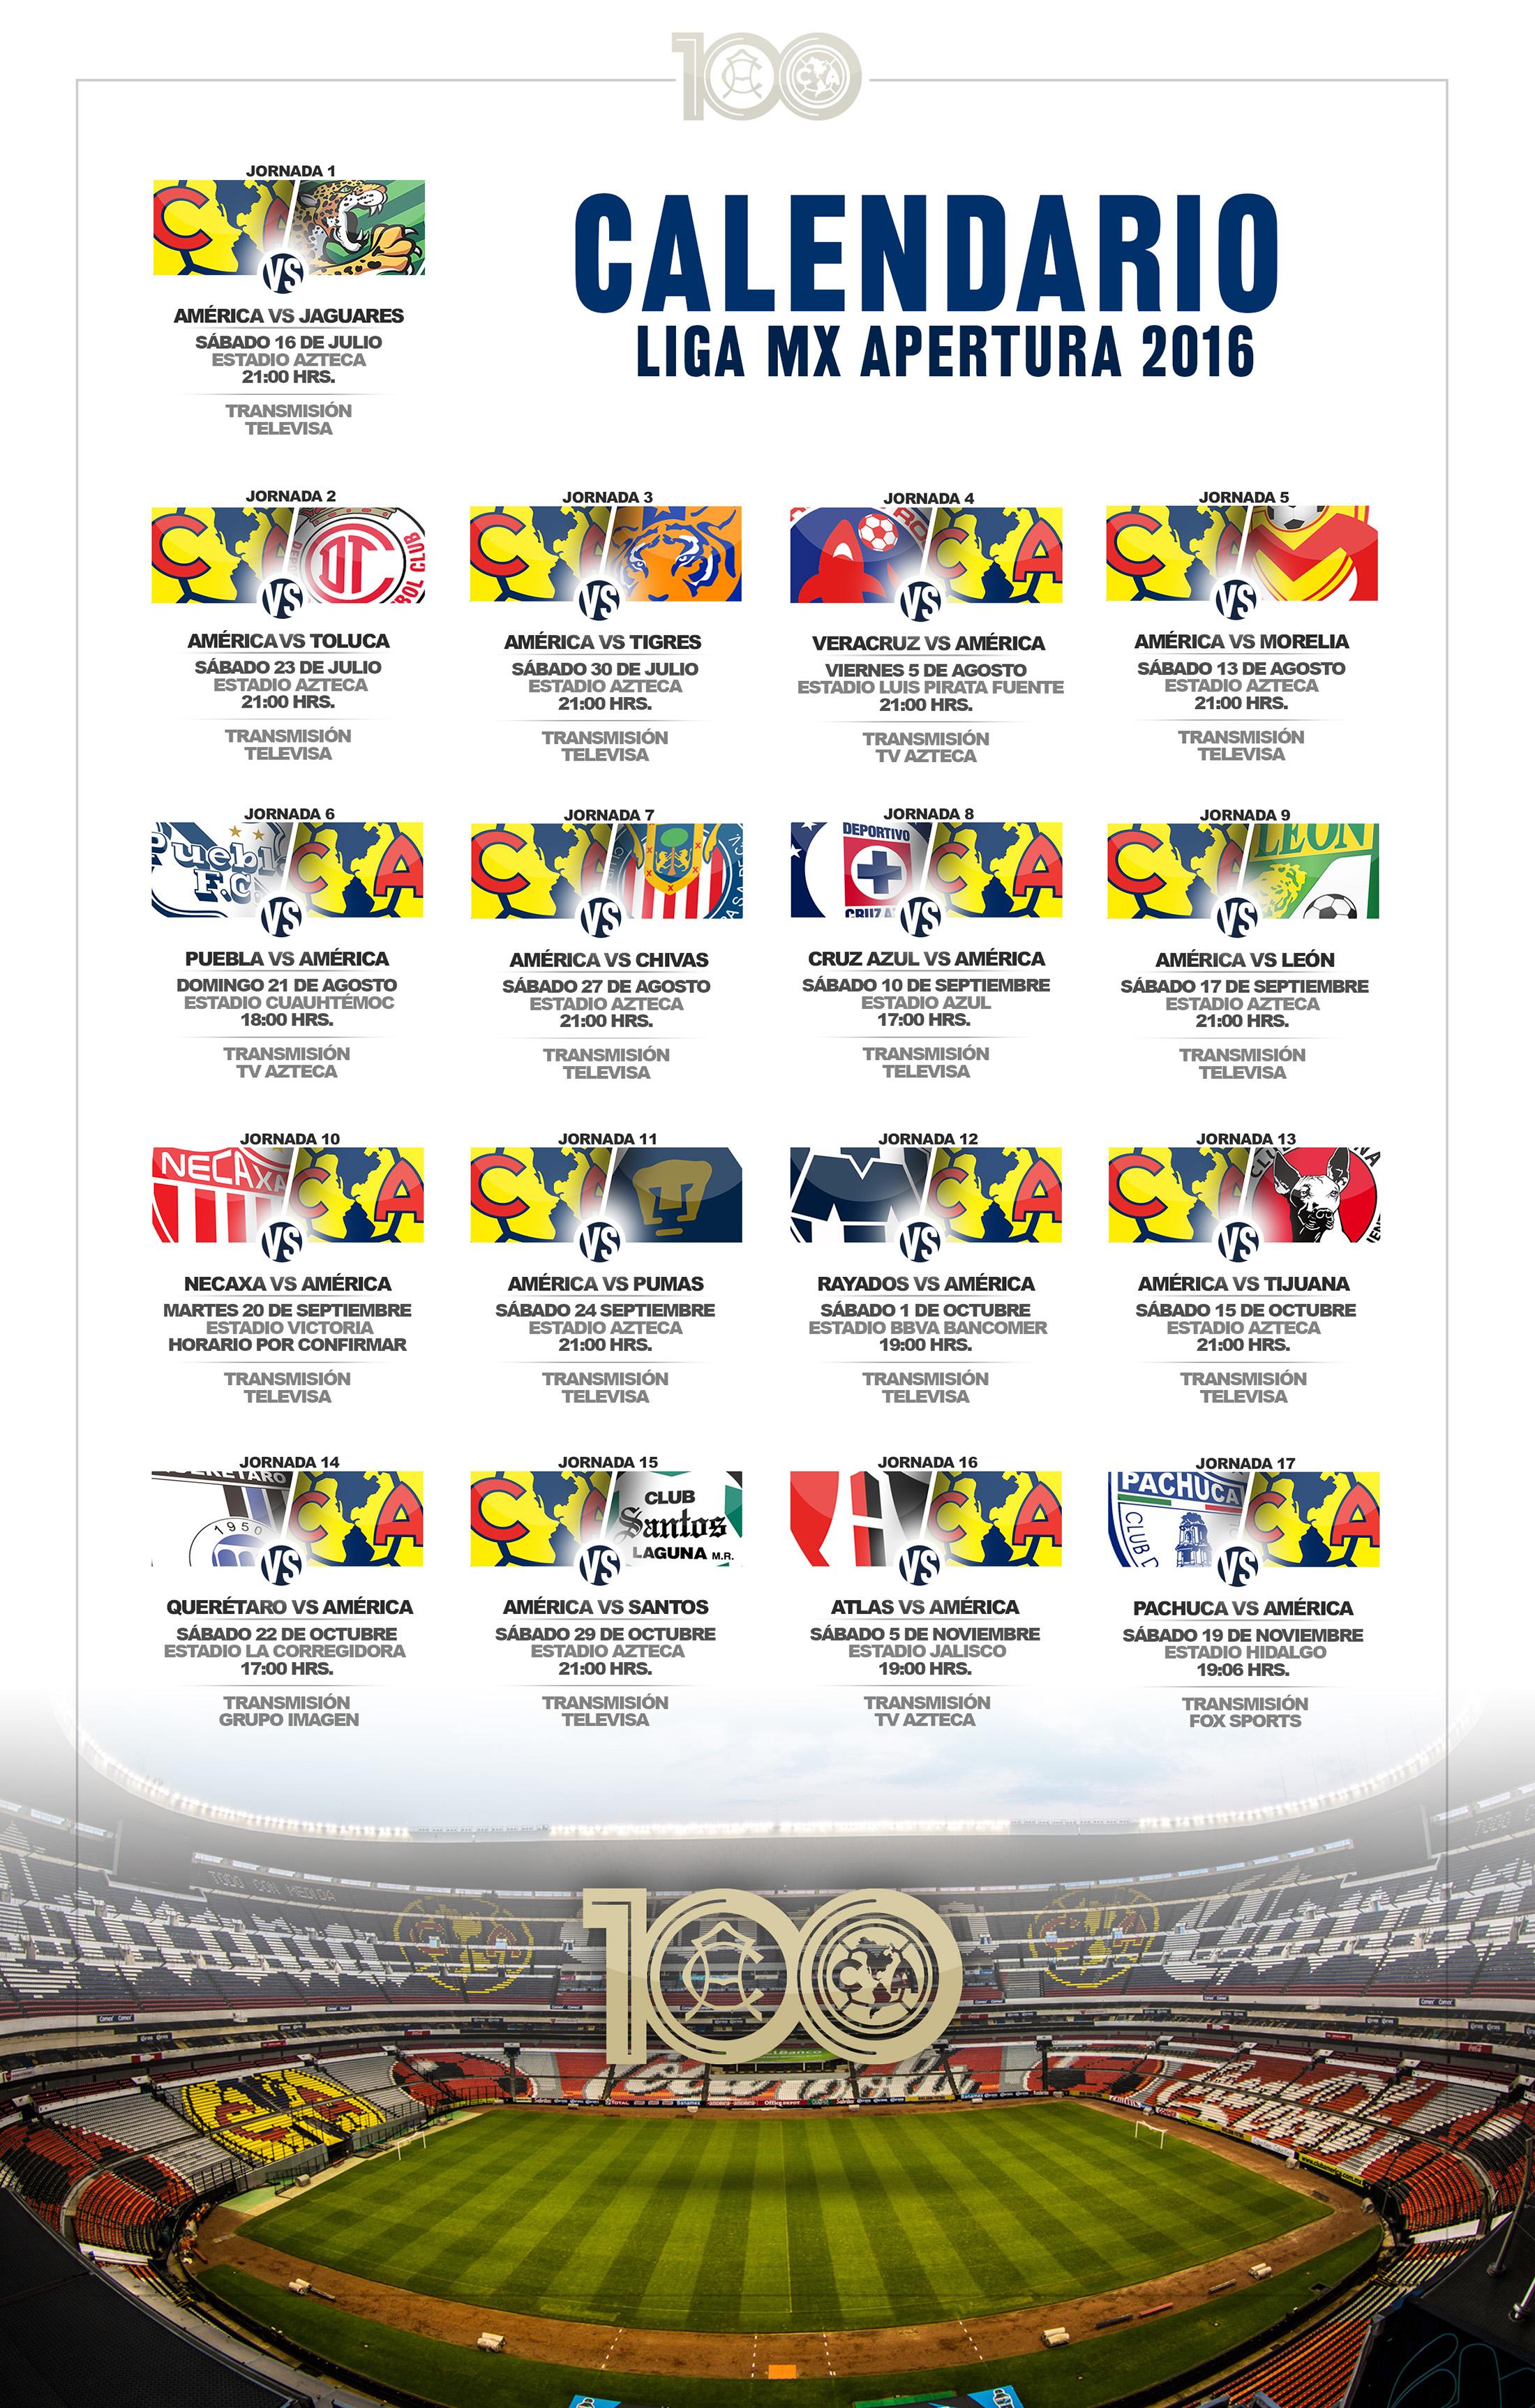 Primera División de México - Wikipedia, la enciclopedia libre